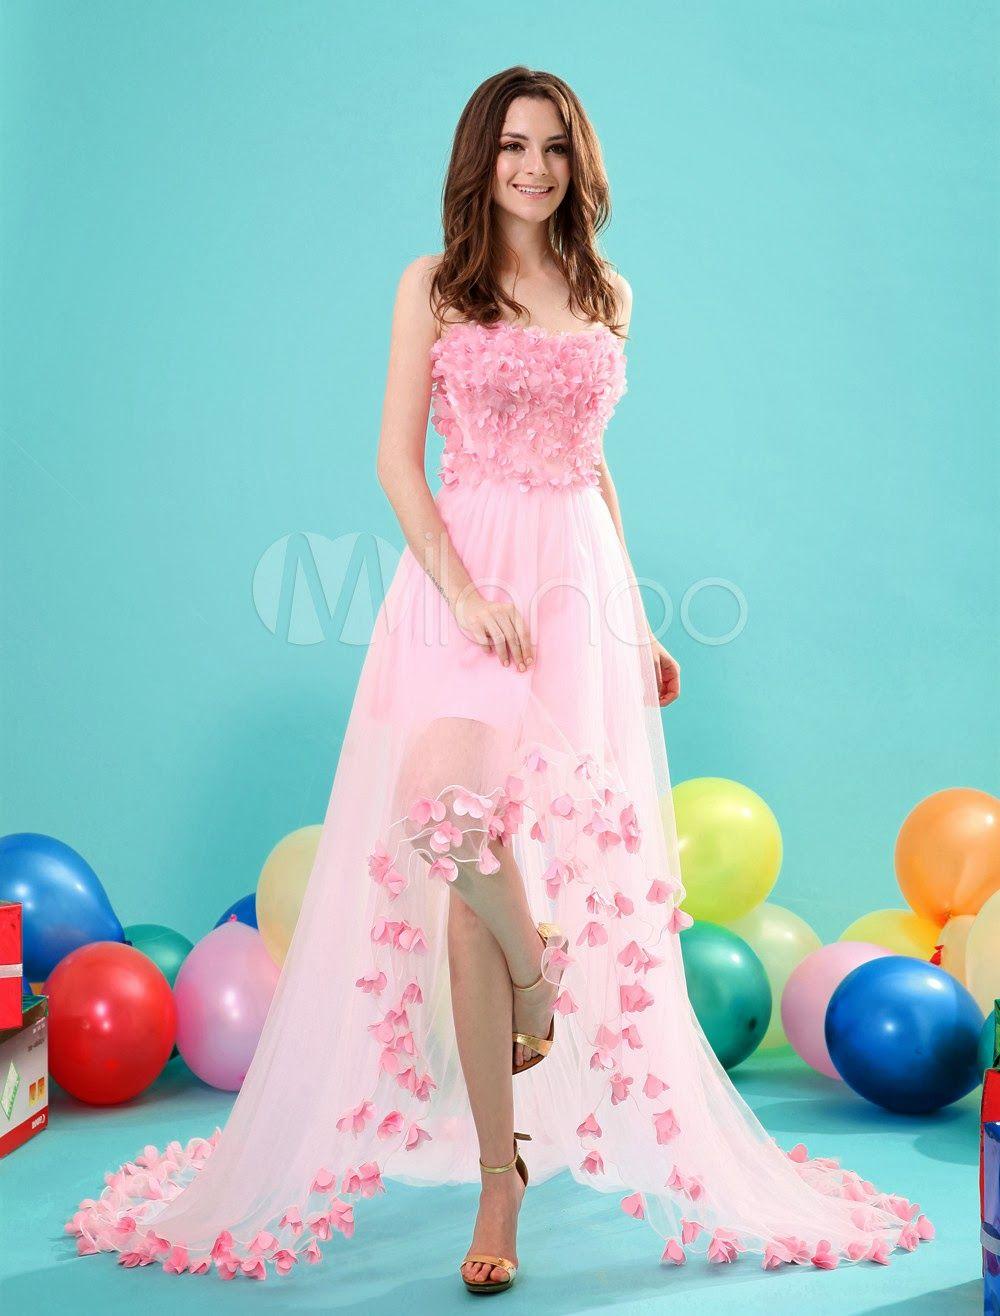 Fotos de vestidos de 15 años modernos | TODA MUJER ES BELLA ...